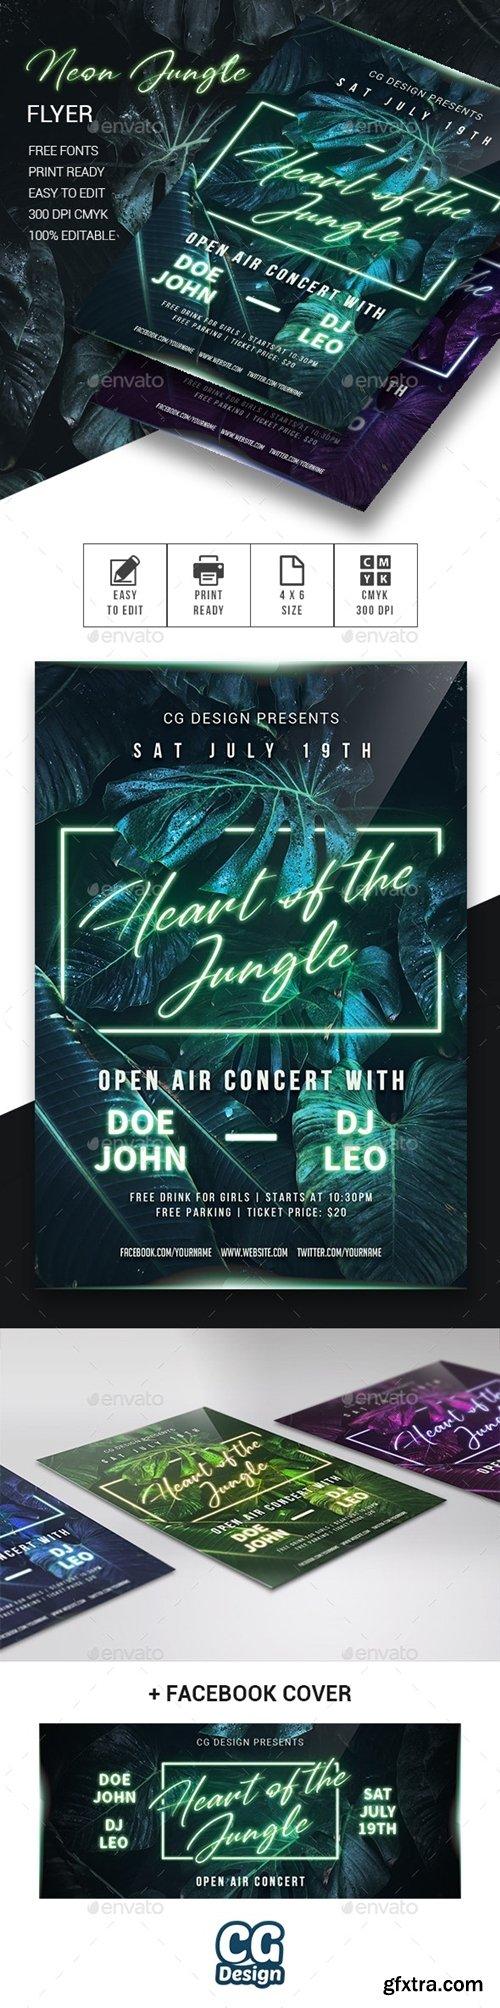 GraphicRiver - Neon Jungle Flyer 23969428